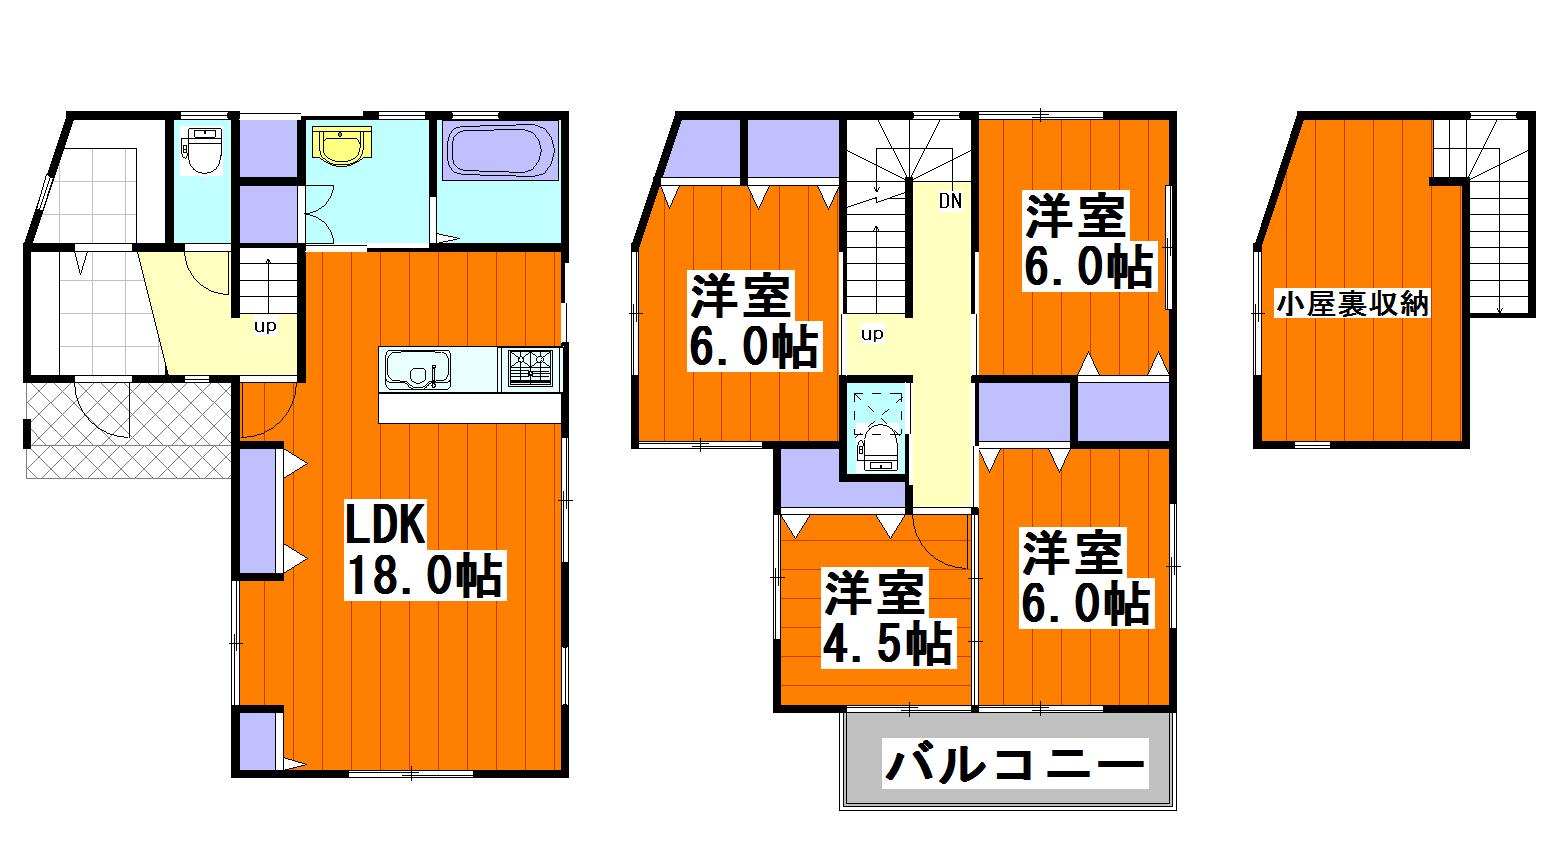 ルルーディア亀山2 堂々完成!!